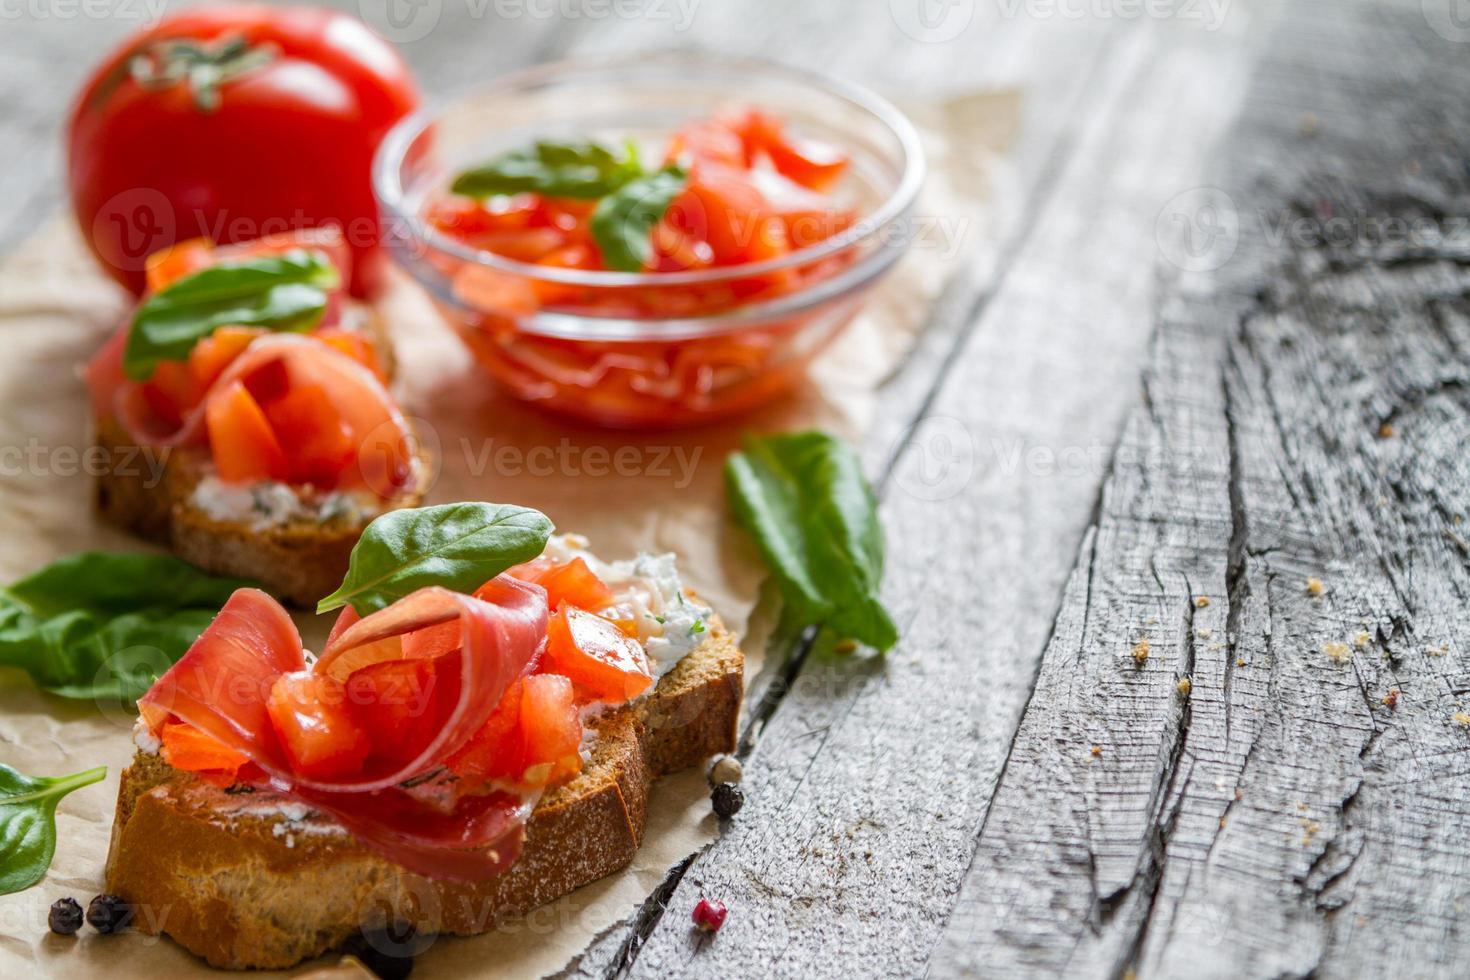 tomatenbruschetta en ingrediënten - brood, tomaat, hamon foto